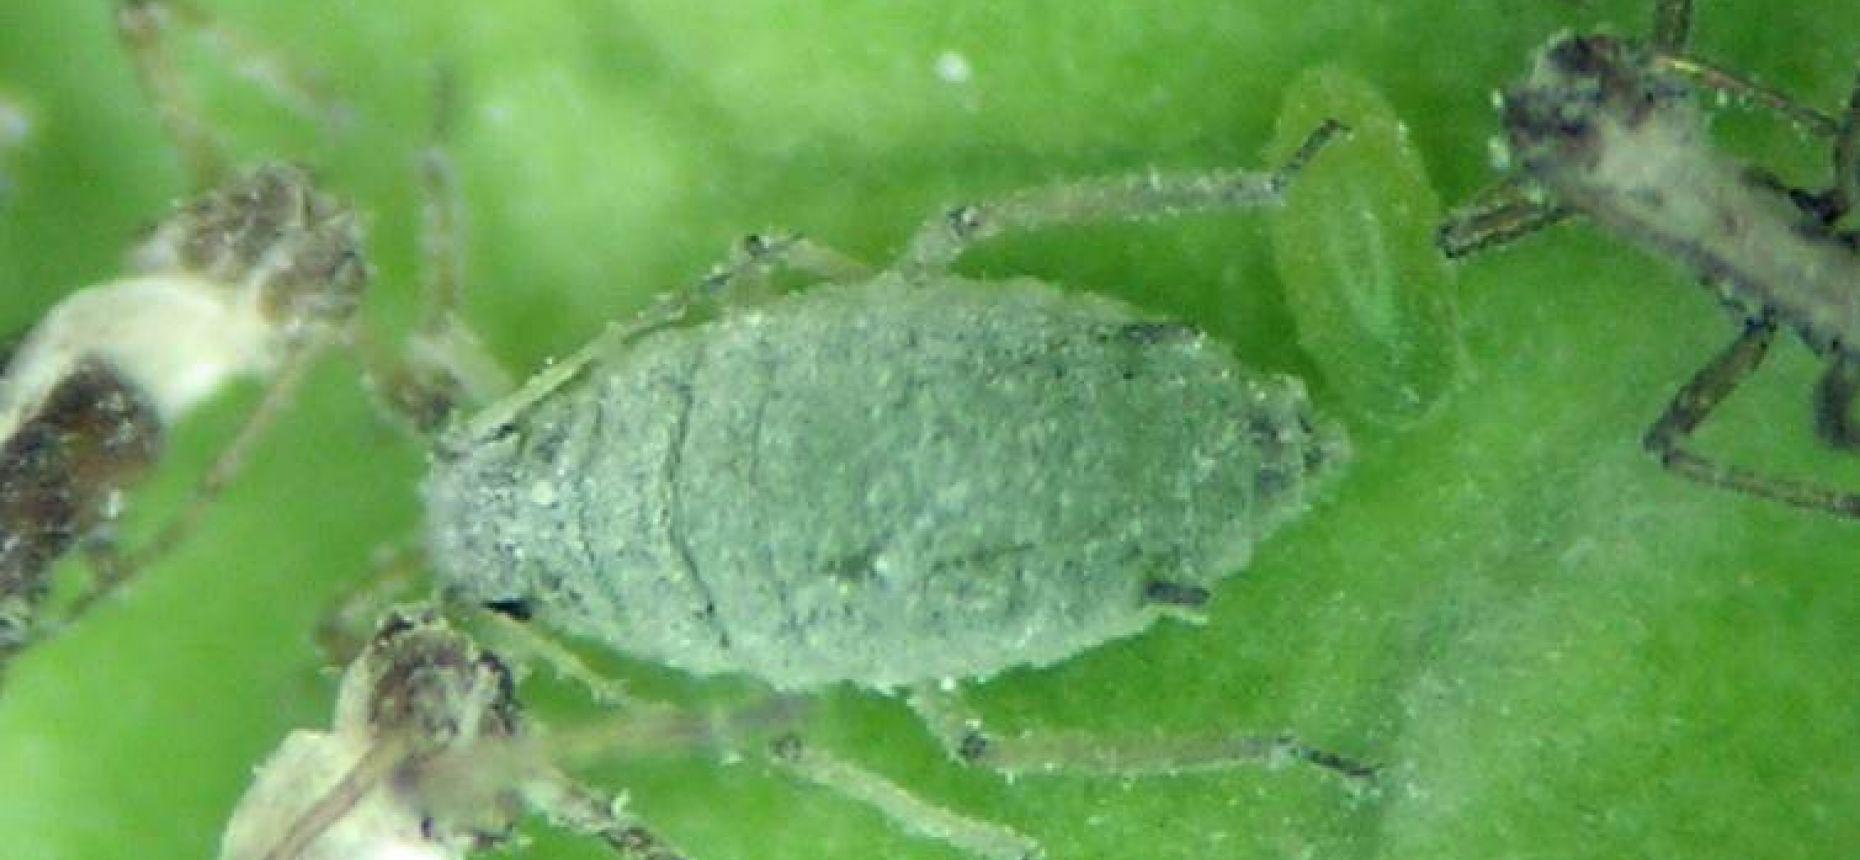 Капустная тля -  Brevicoryne brassicae L.